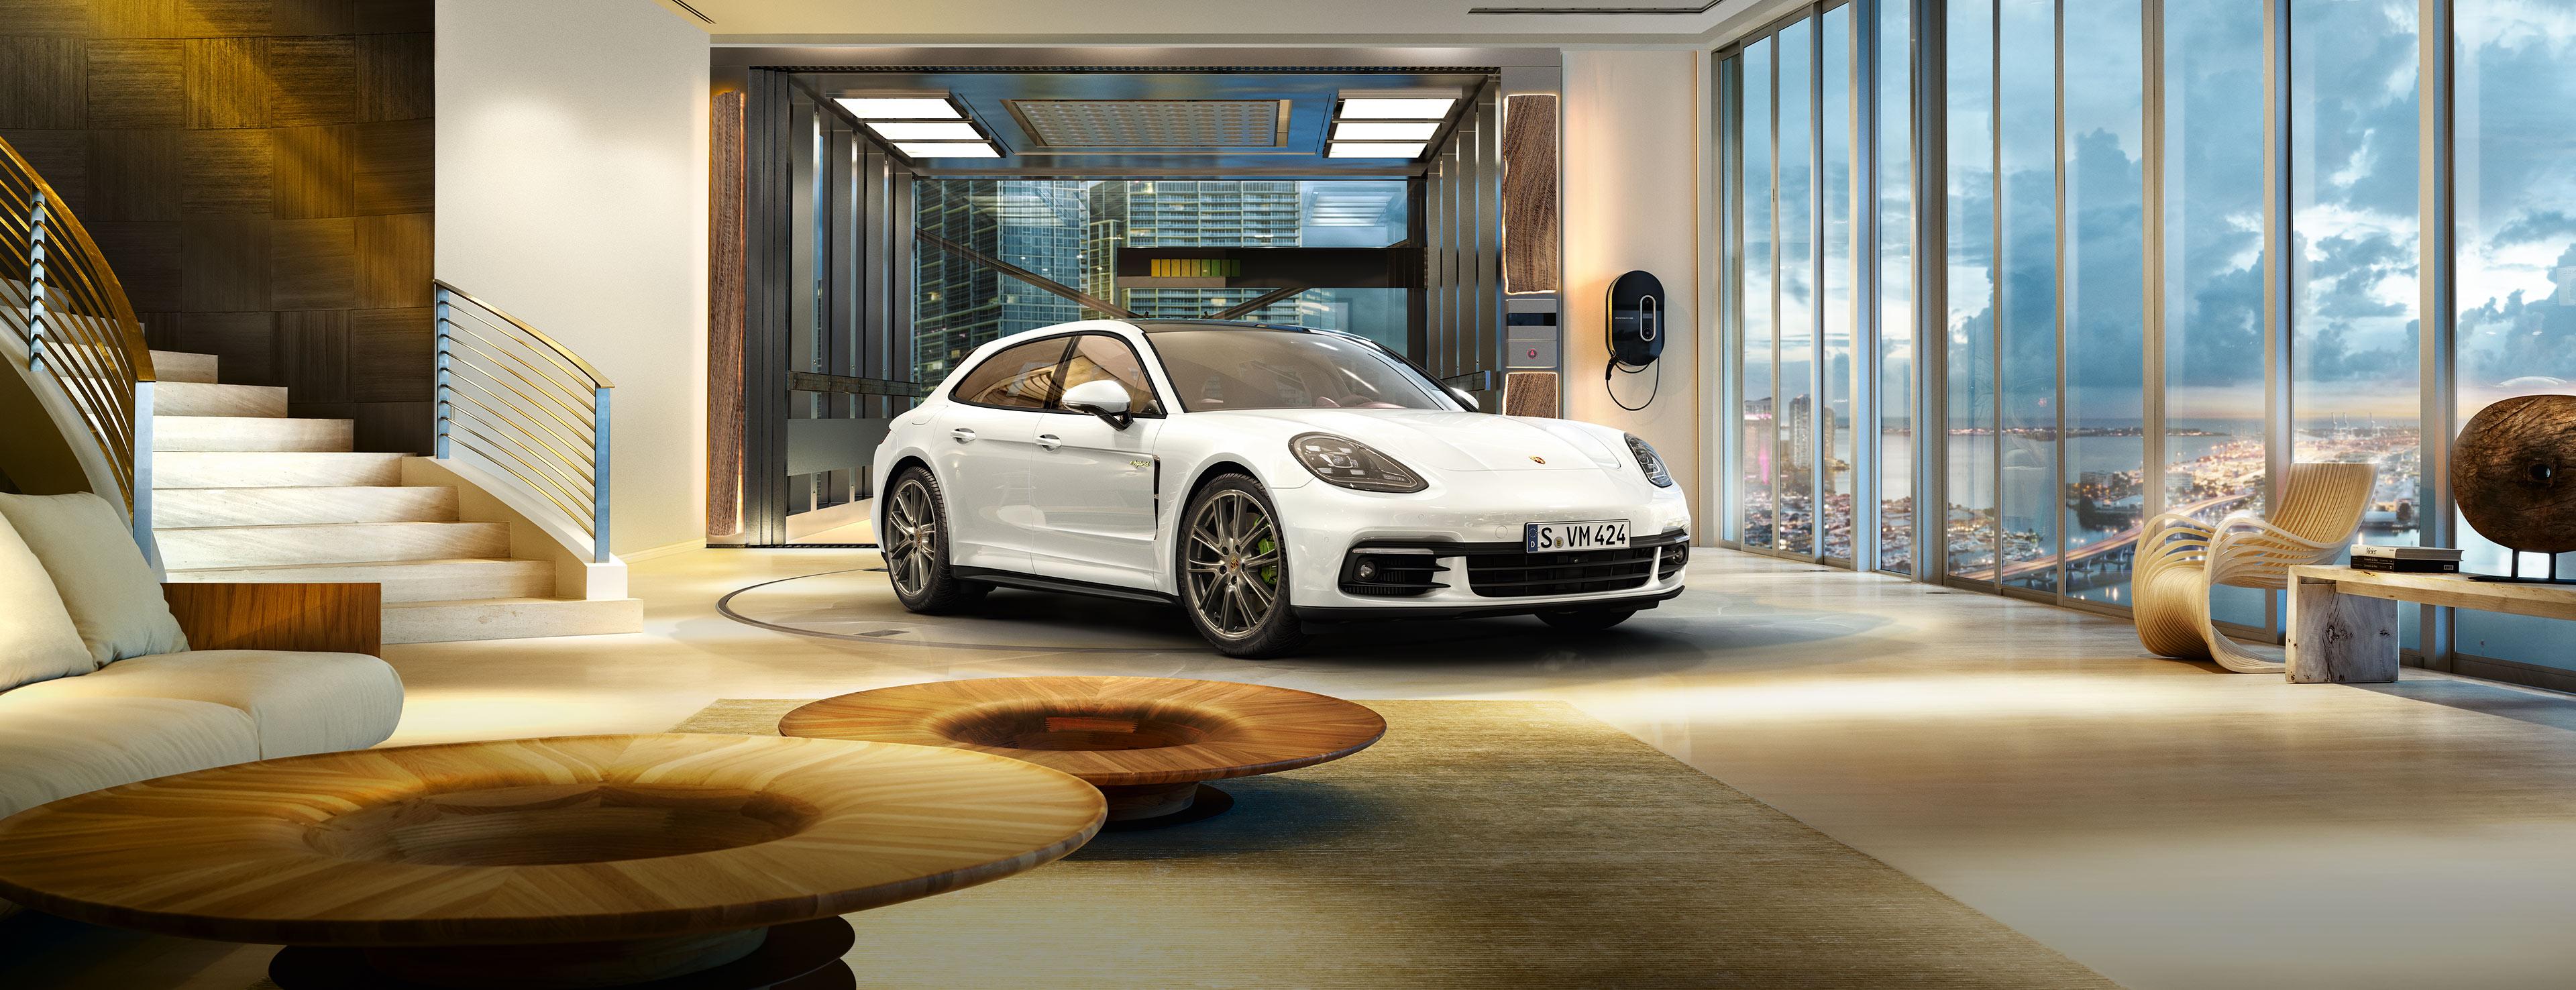 Porsche Panamera Turbo S E Hybrid Sport Turismo Porsche Brazil